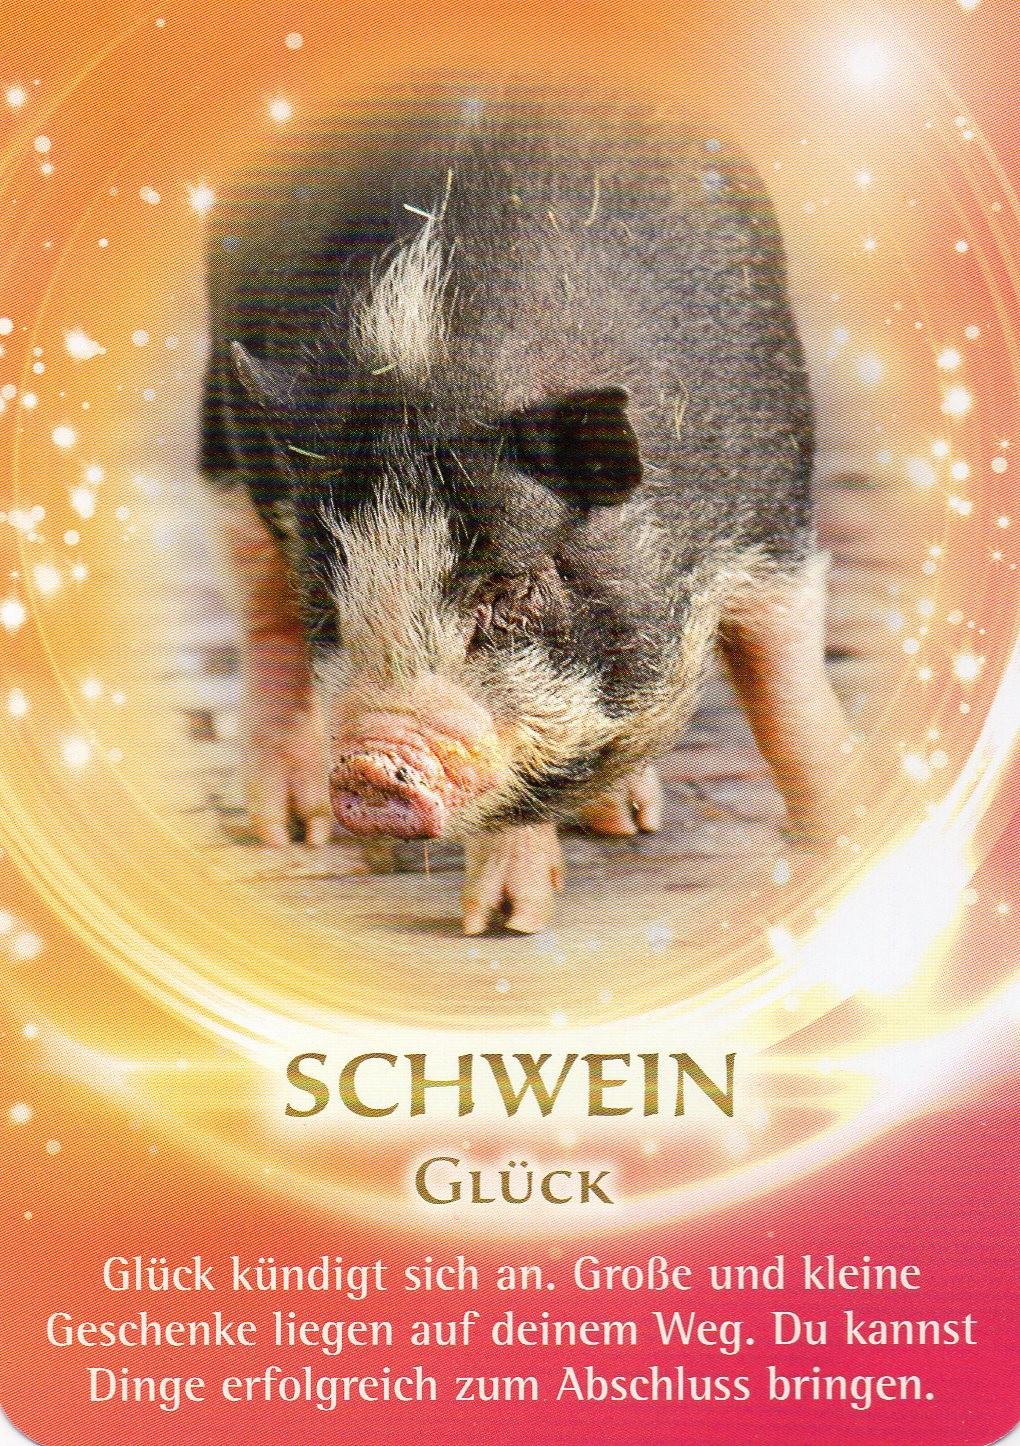 Schwein krafttier Martina Hera